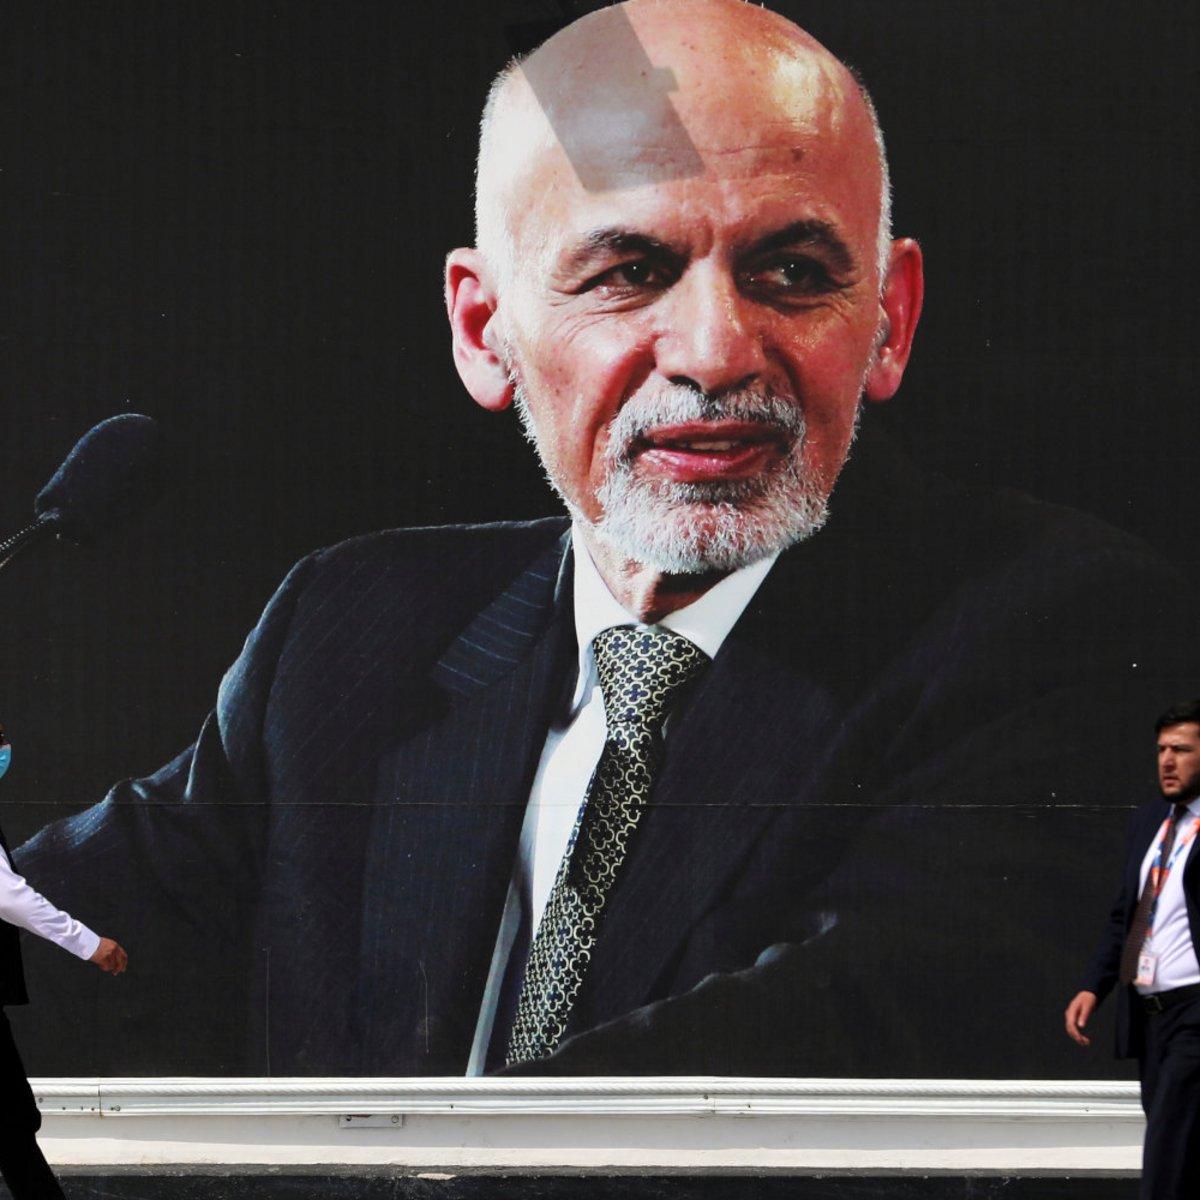 Δριμύ κατηγορώ του κεντρικού τραπεζίτη στο Αφγανιστάν κατά του Γάνι: «Έχω  αηδιάσει»   ΚΟΣΜΟΣ   iefimerida.gr